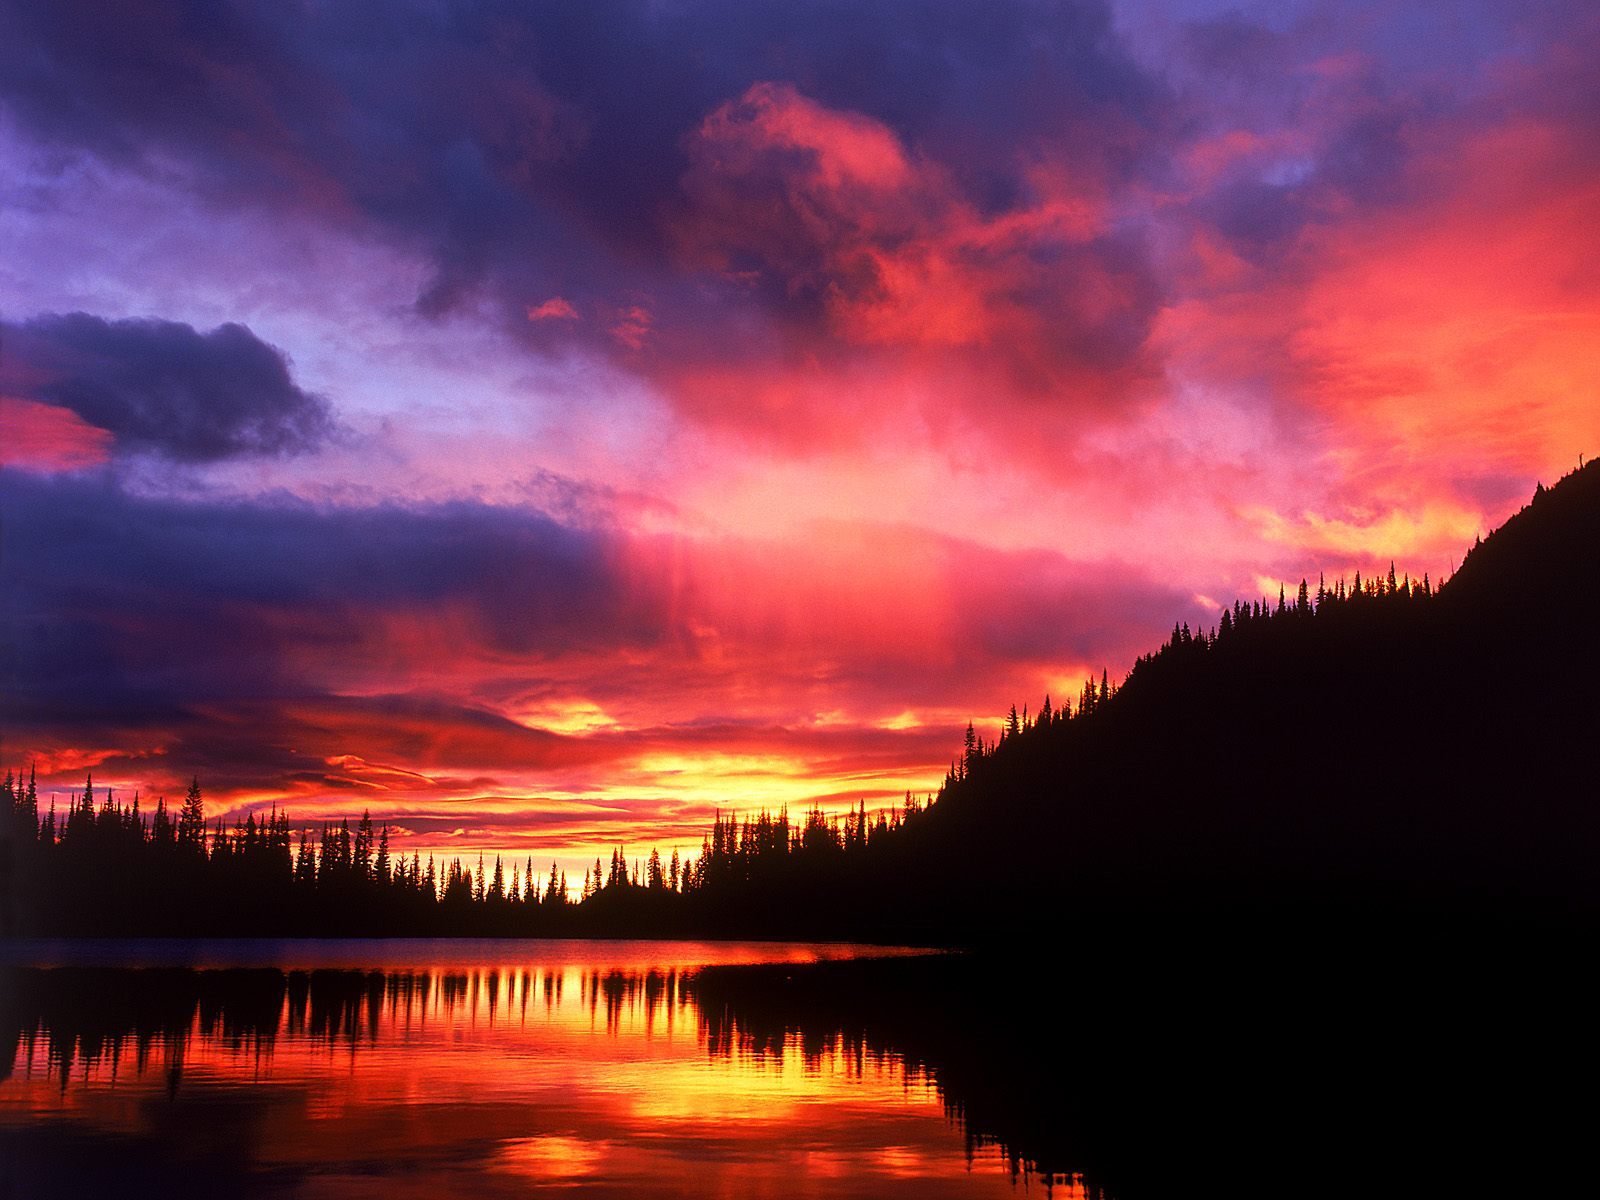 Reflection Lake at Sunrise, Mount Rainier National Park, Washington